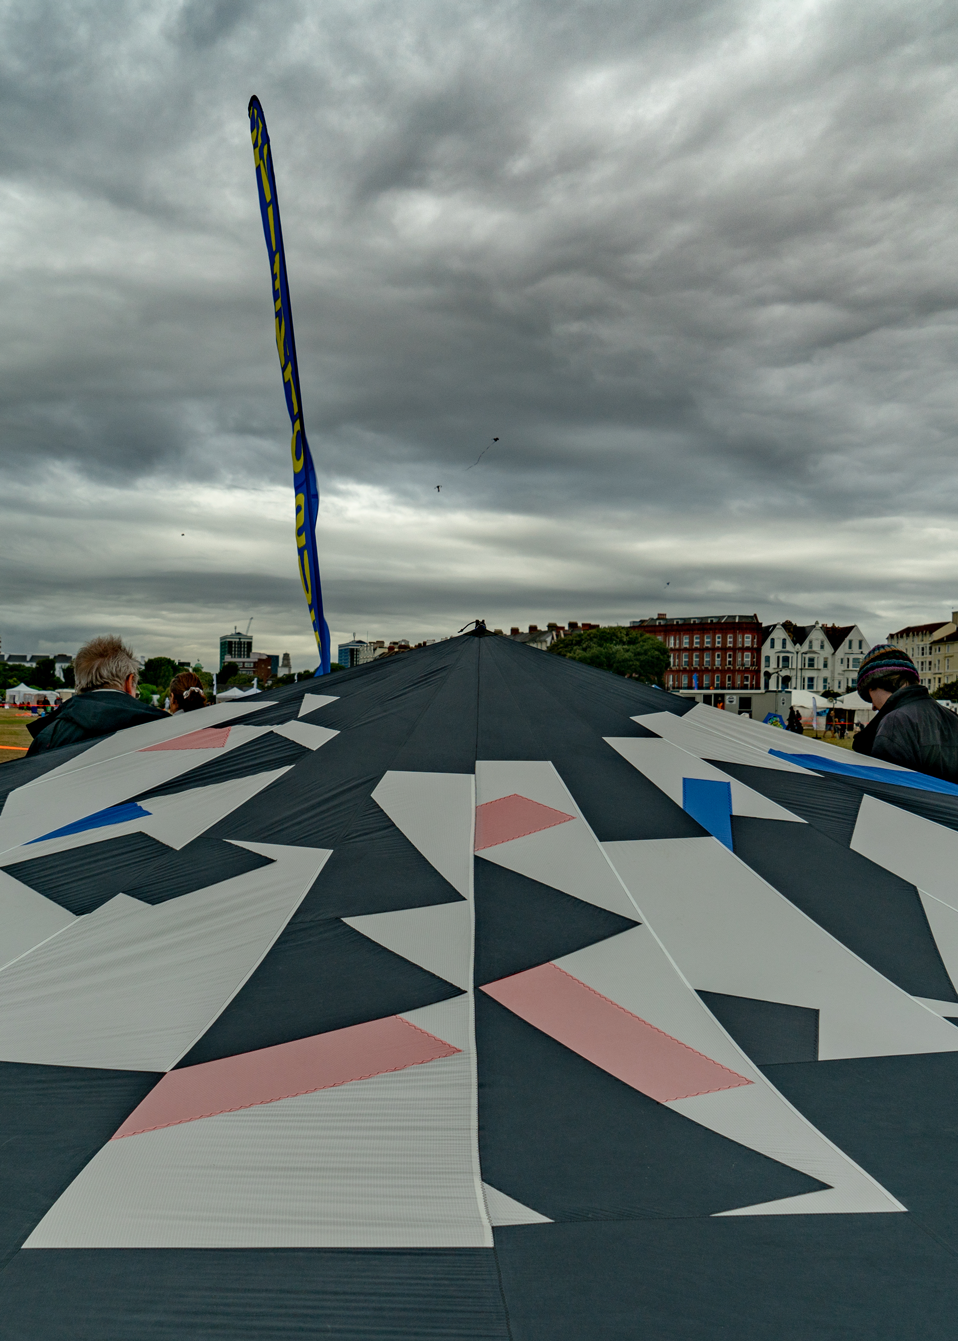 Kite-festival-2018---Solent-Sky-Services-Media-2018-00357.png